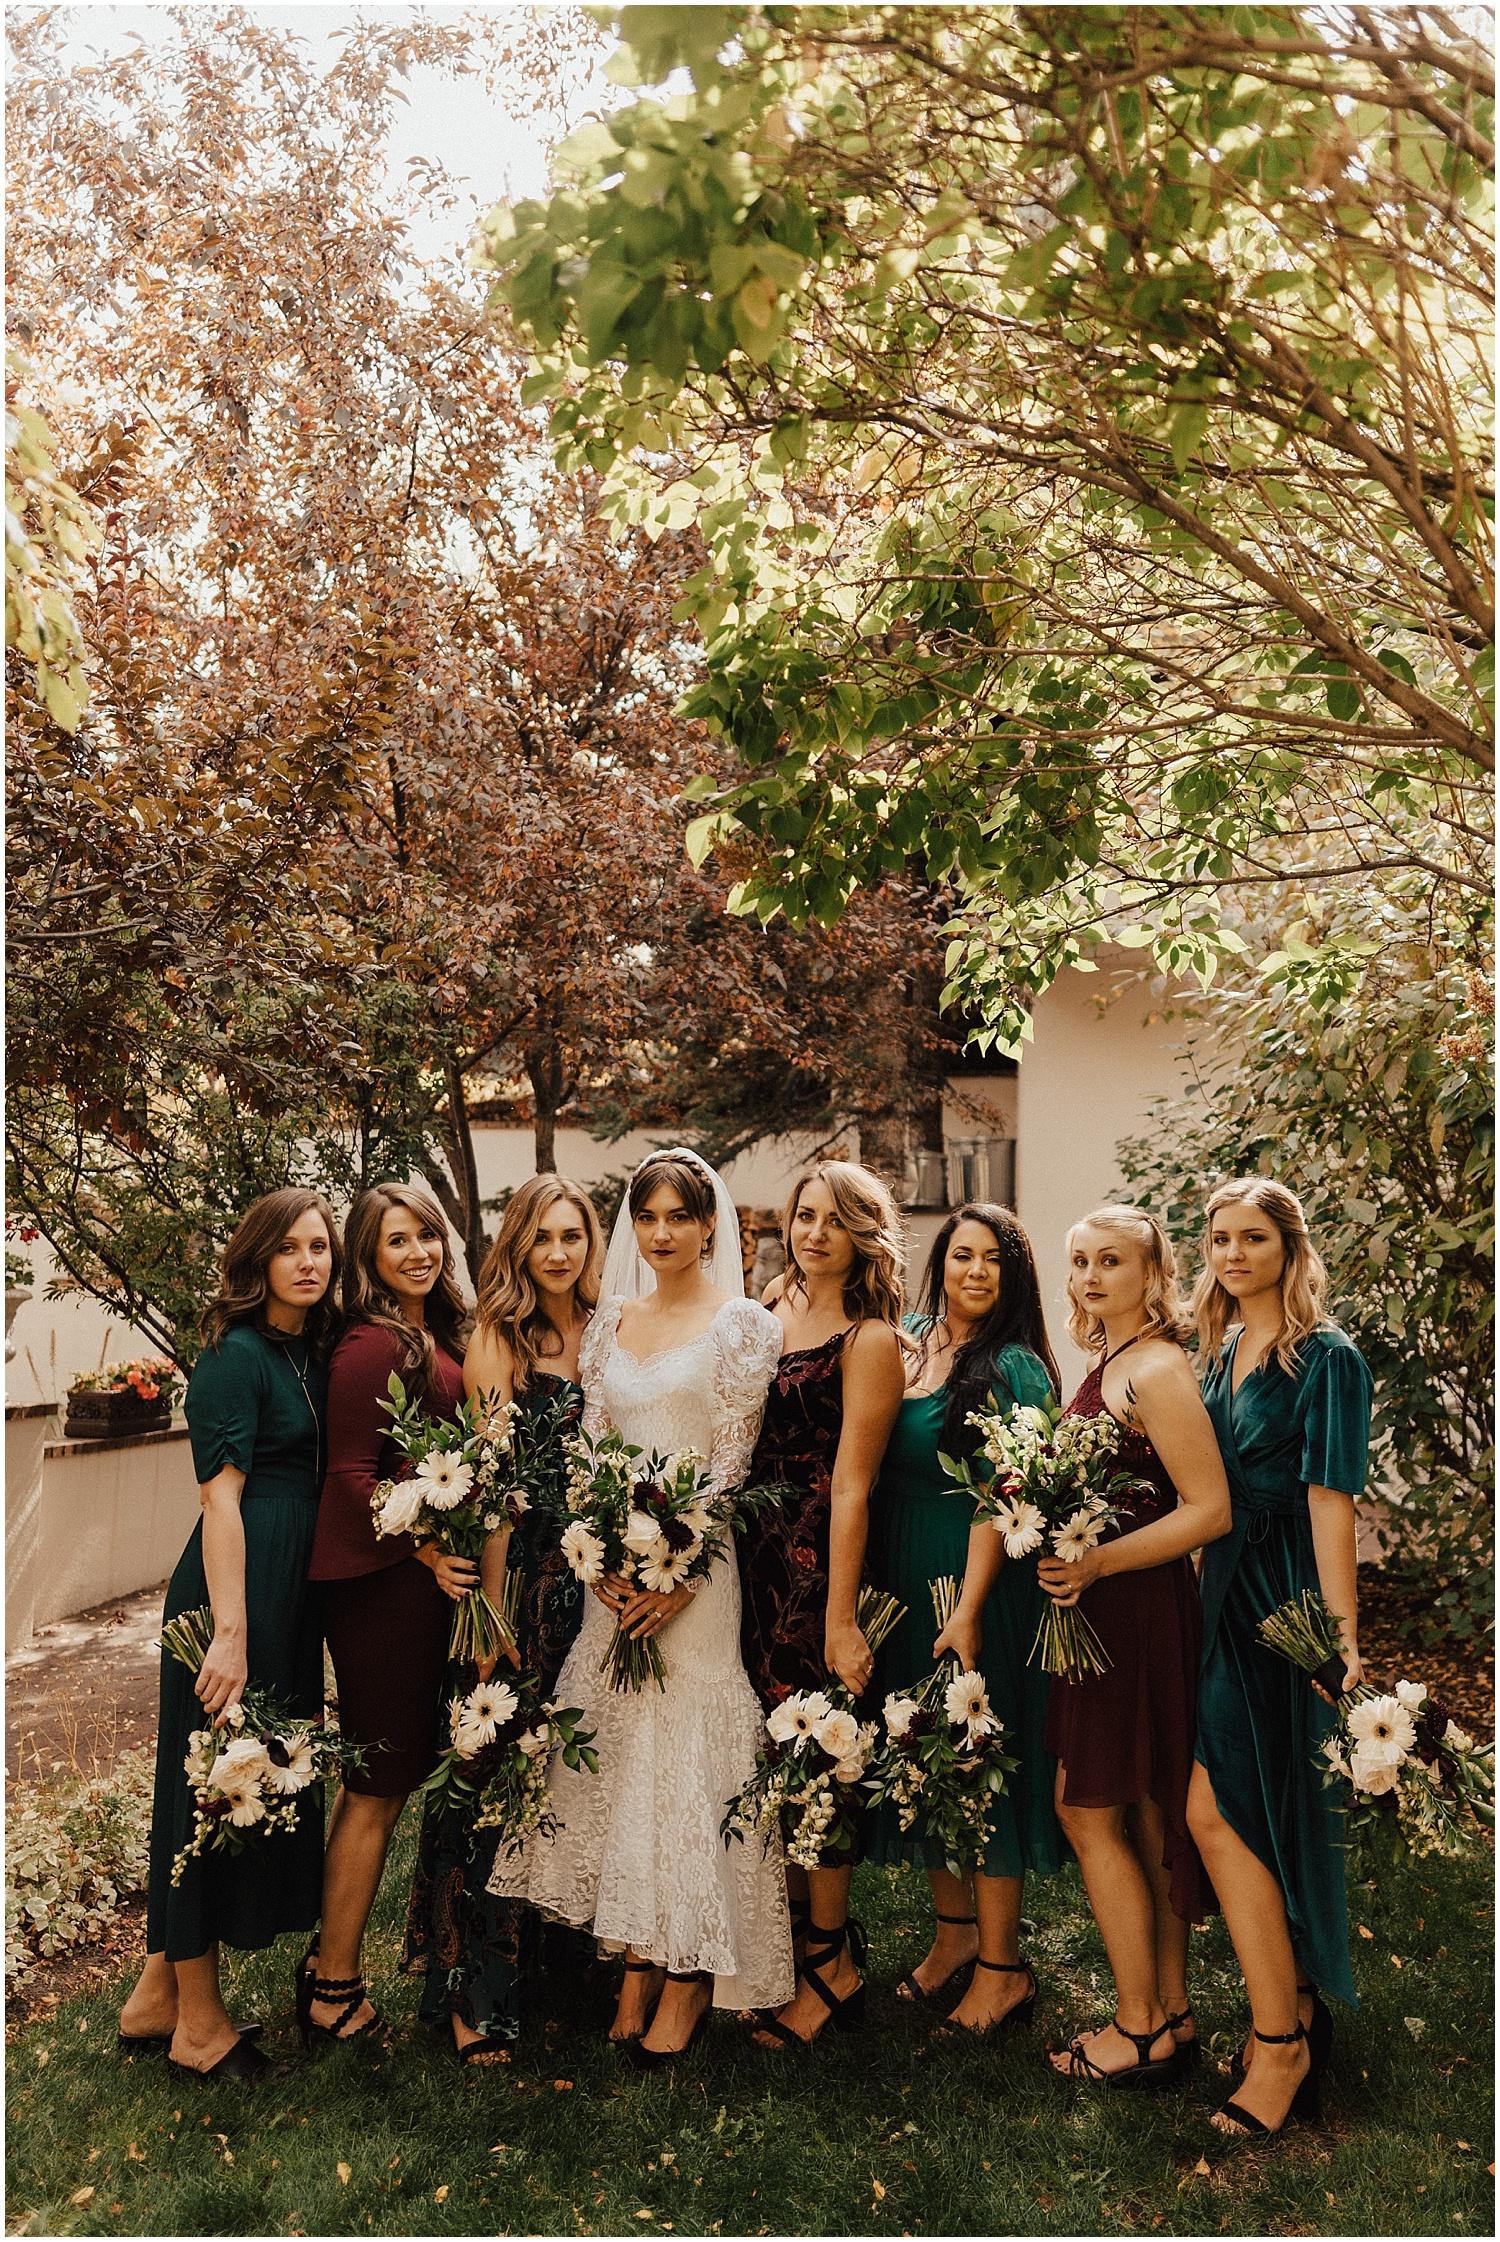 church-wedding-industrial-reception-sunvalley-idaho30.jpg